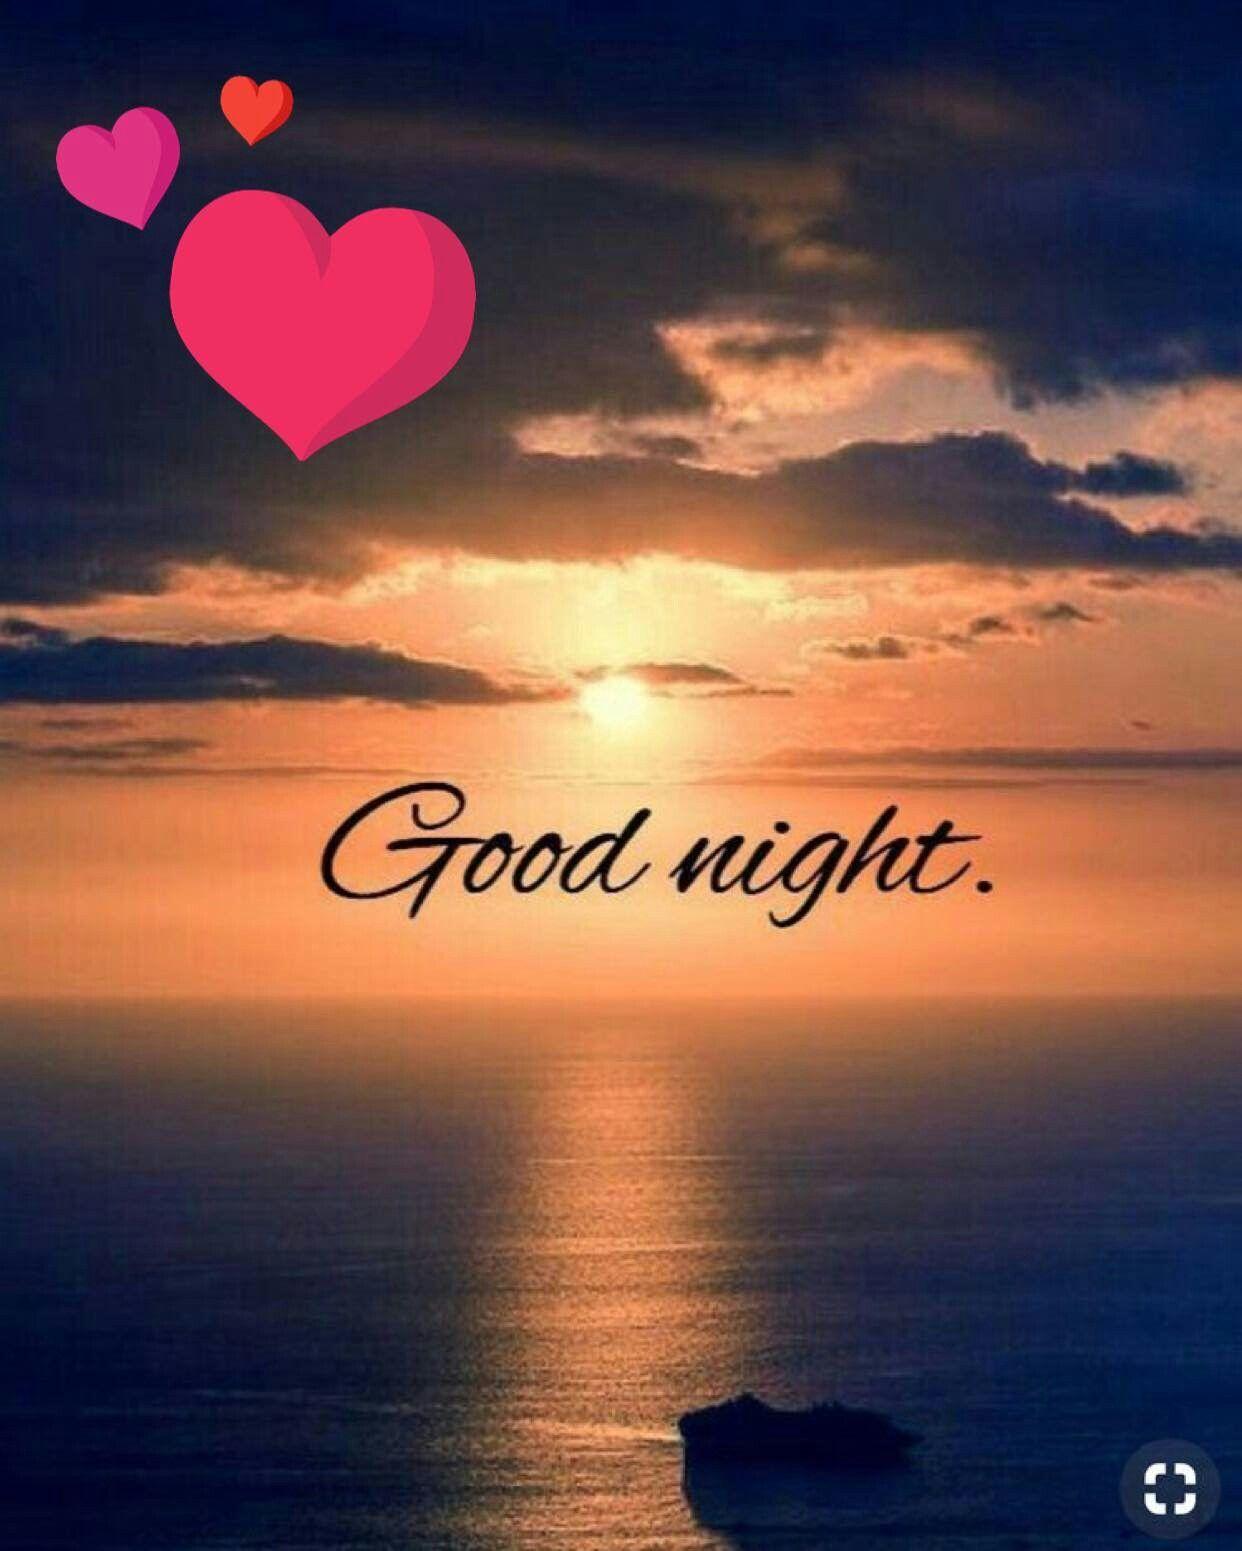 Danke ich werde wieder von dir tr umen daizo schlaf gut liebling good night gute - Liebling englisch ...